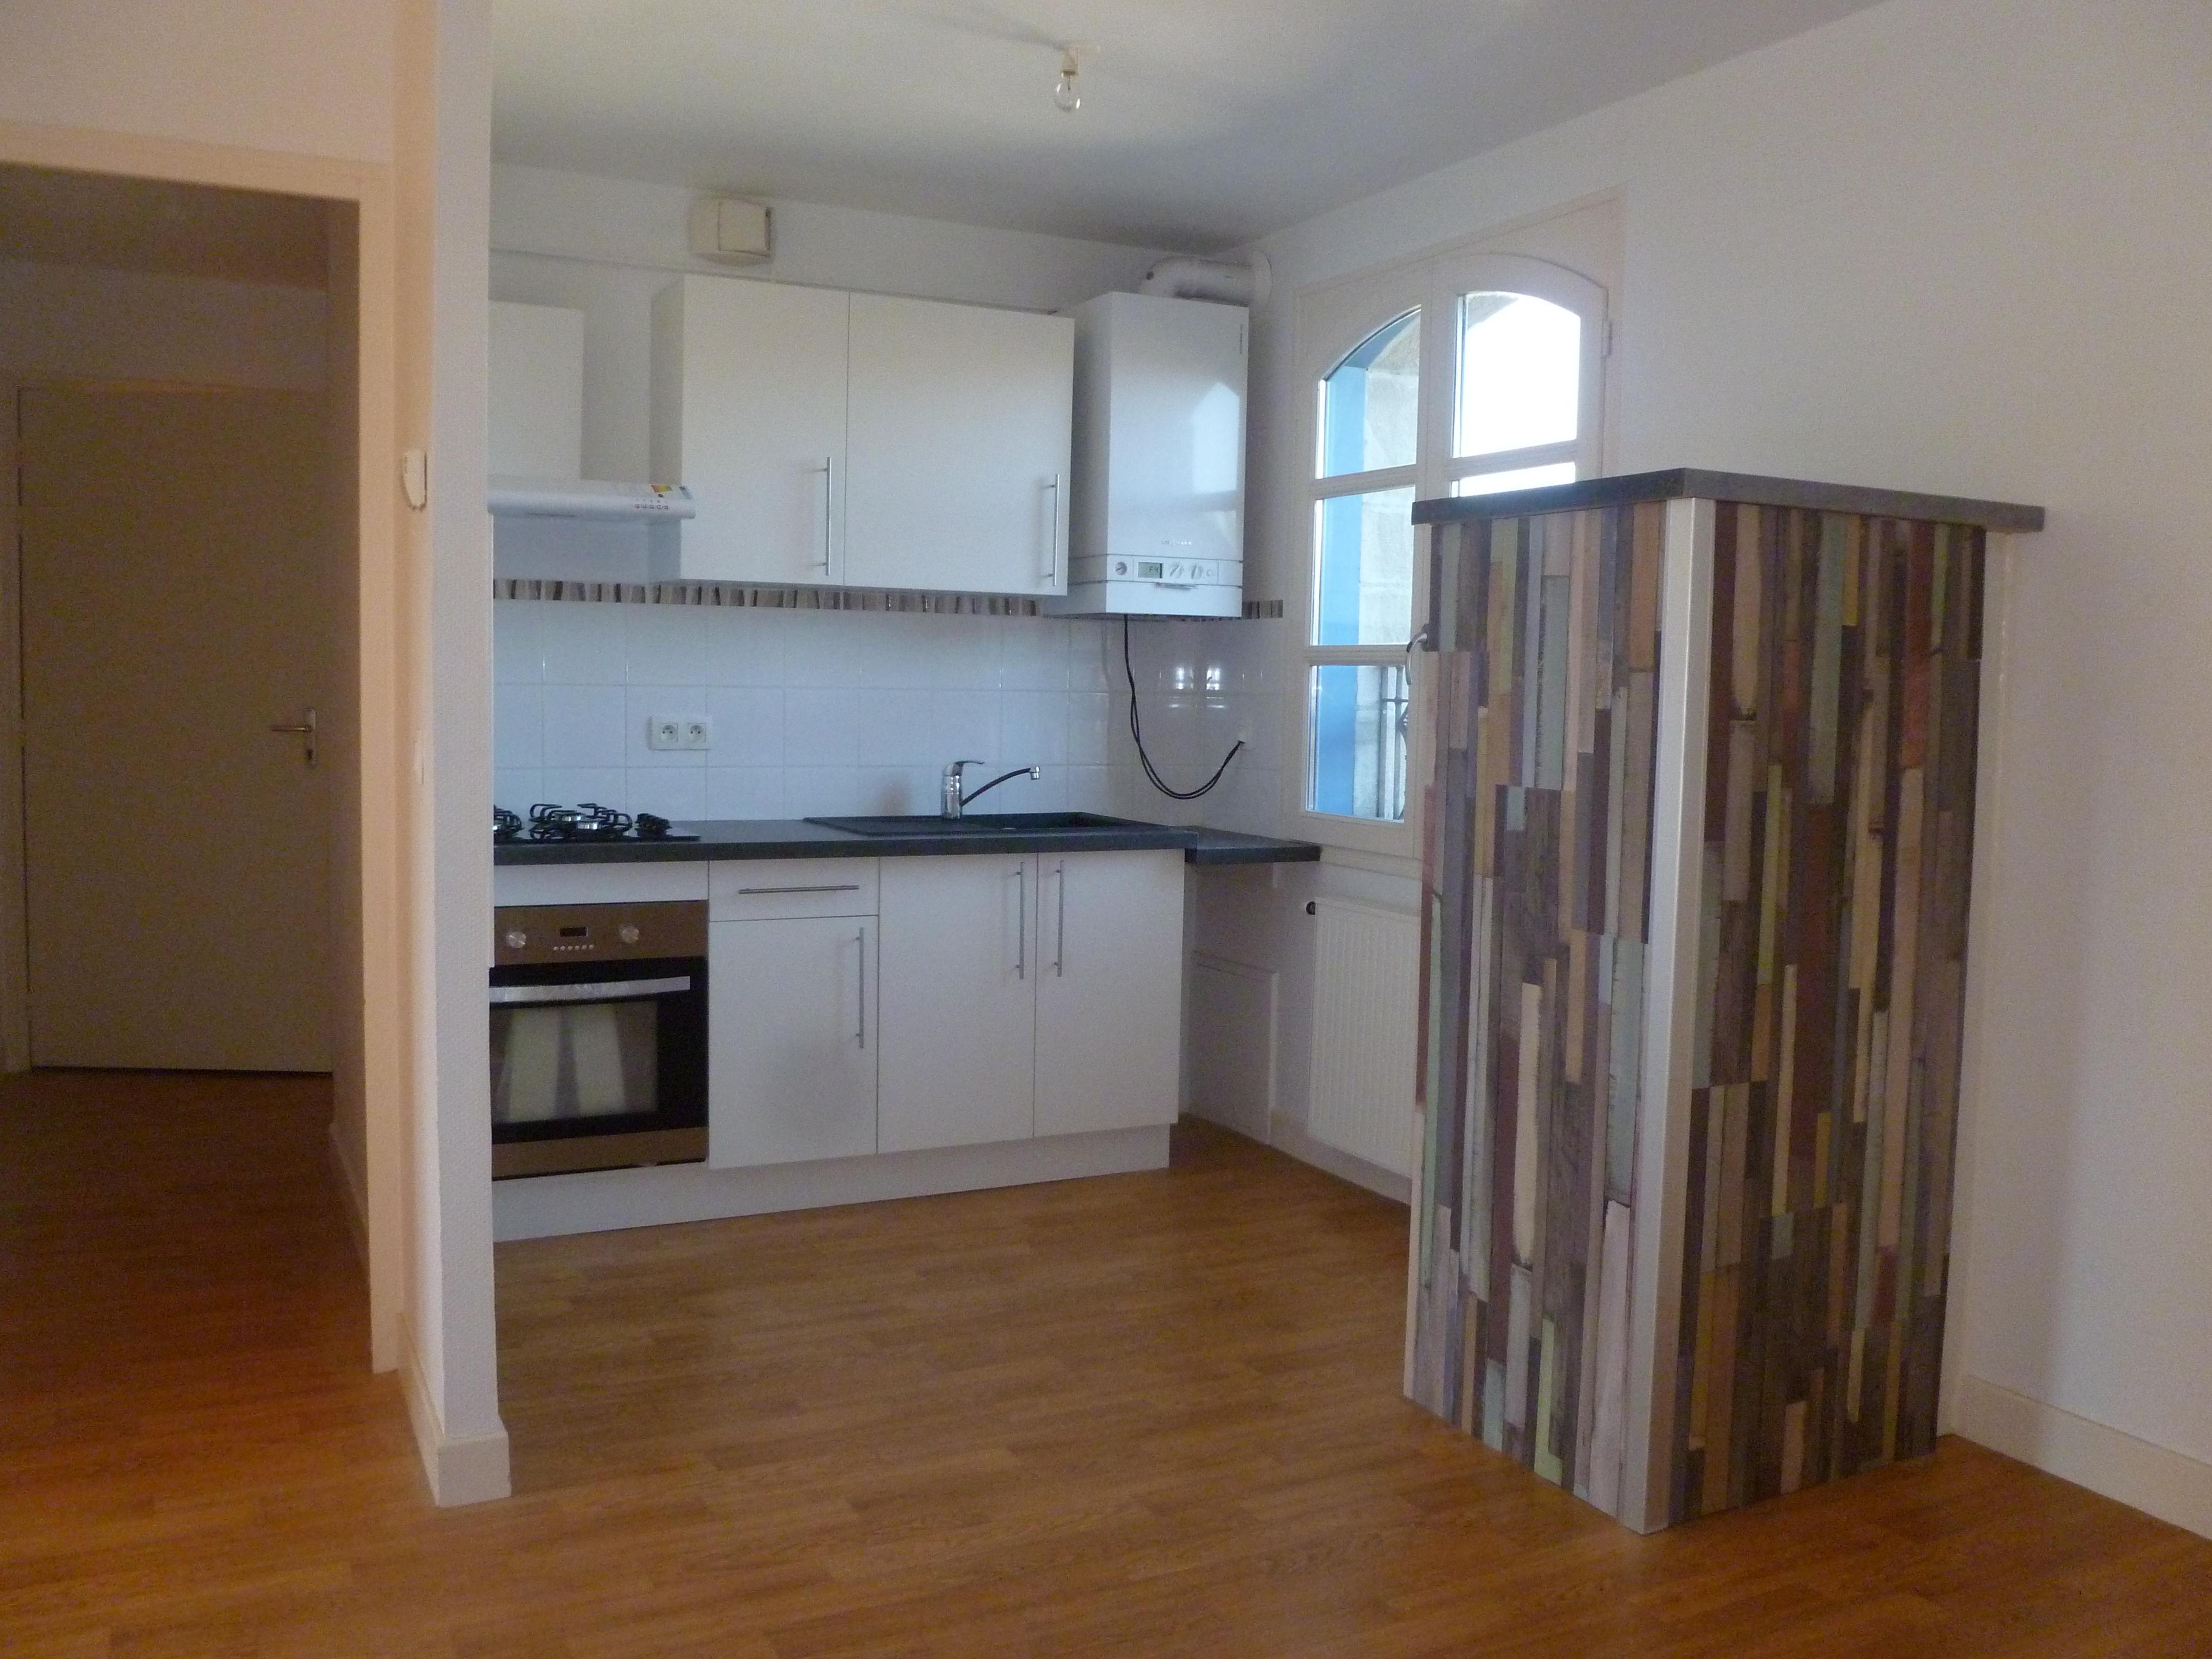 Appartement T3 à louer au centre ville de Figeac